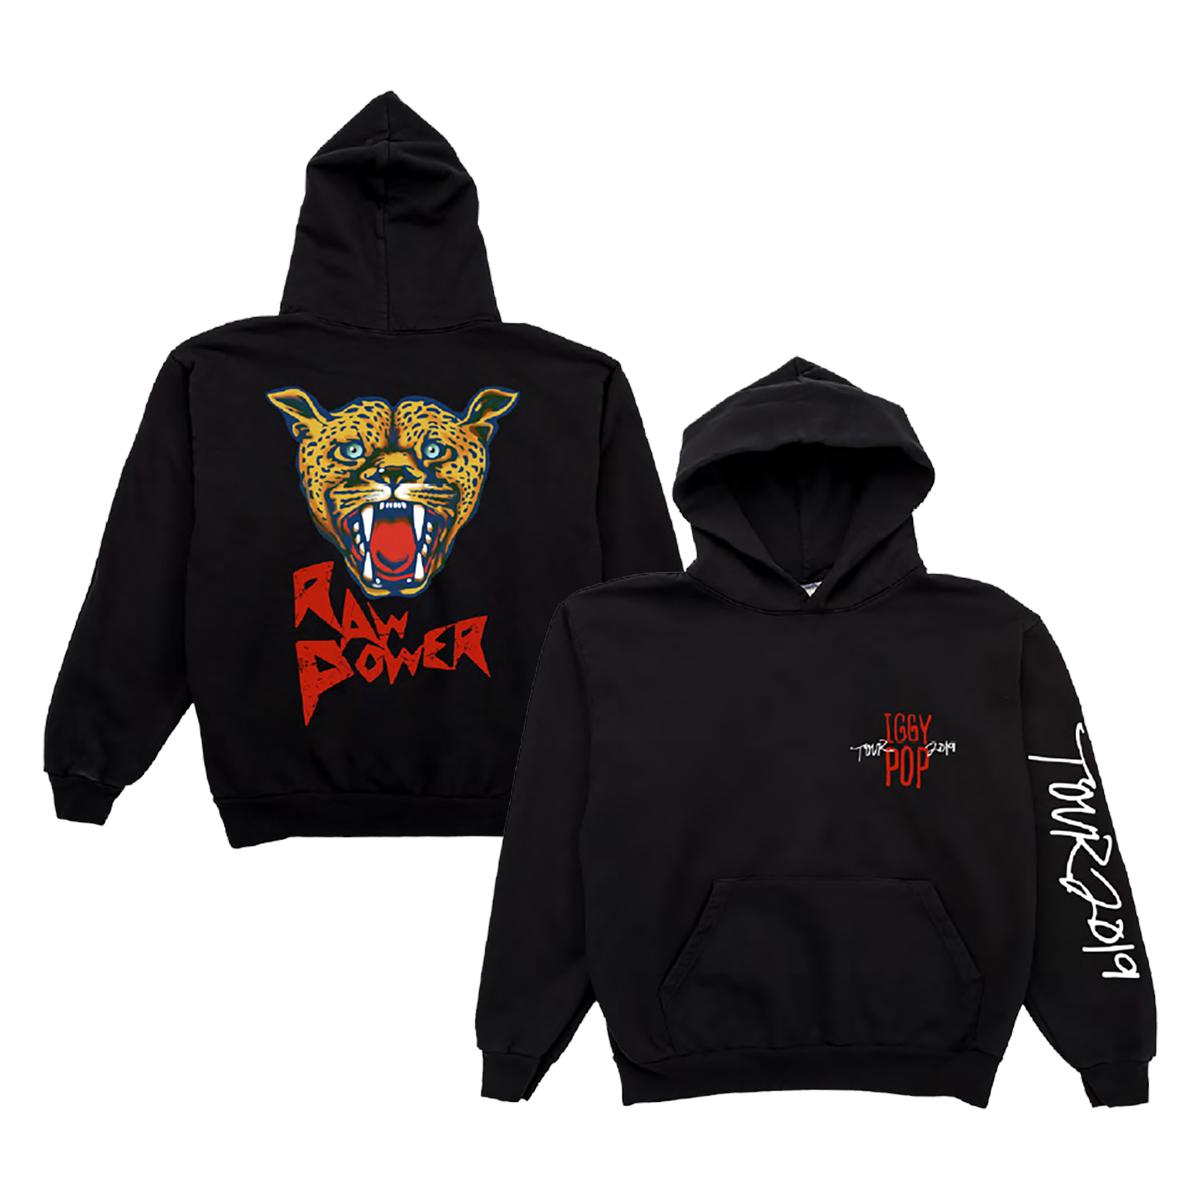 Iggy Pop 2019 Tour Raw Power Hoodie